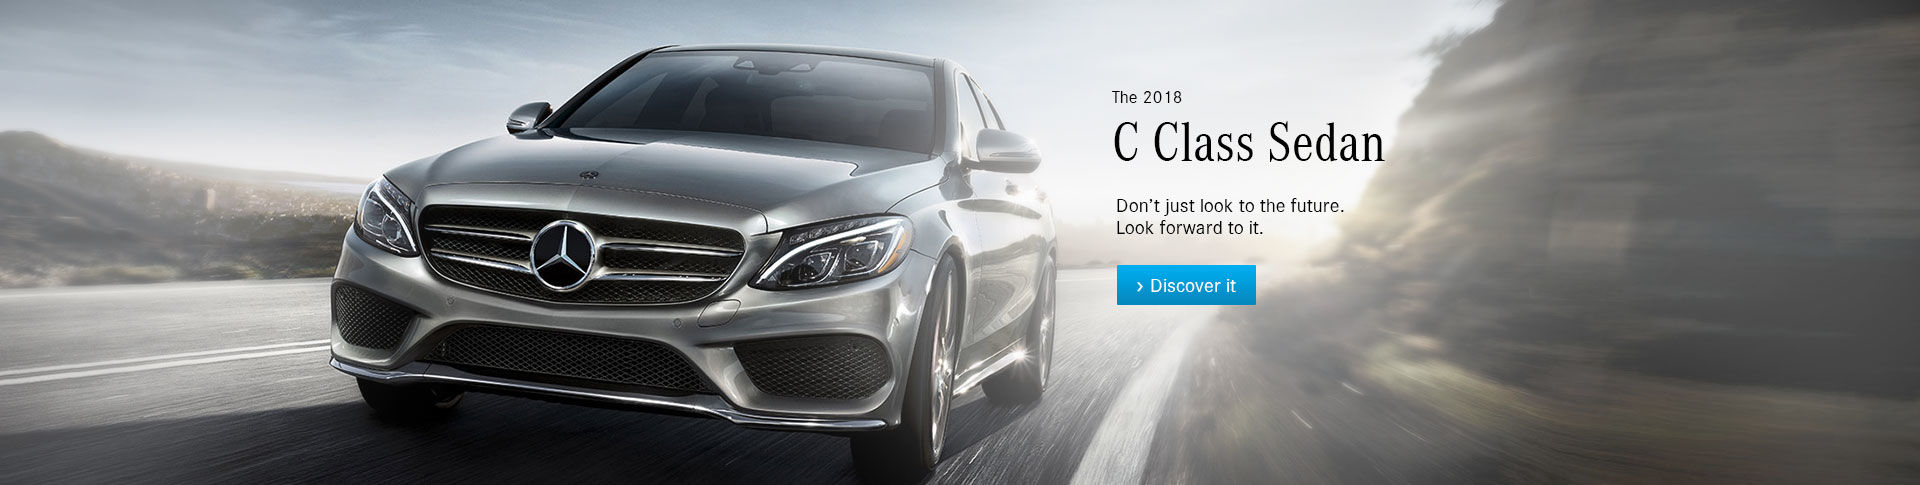 2018 C Class Sedan